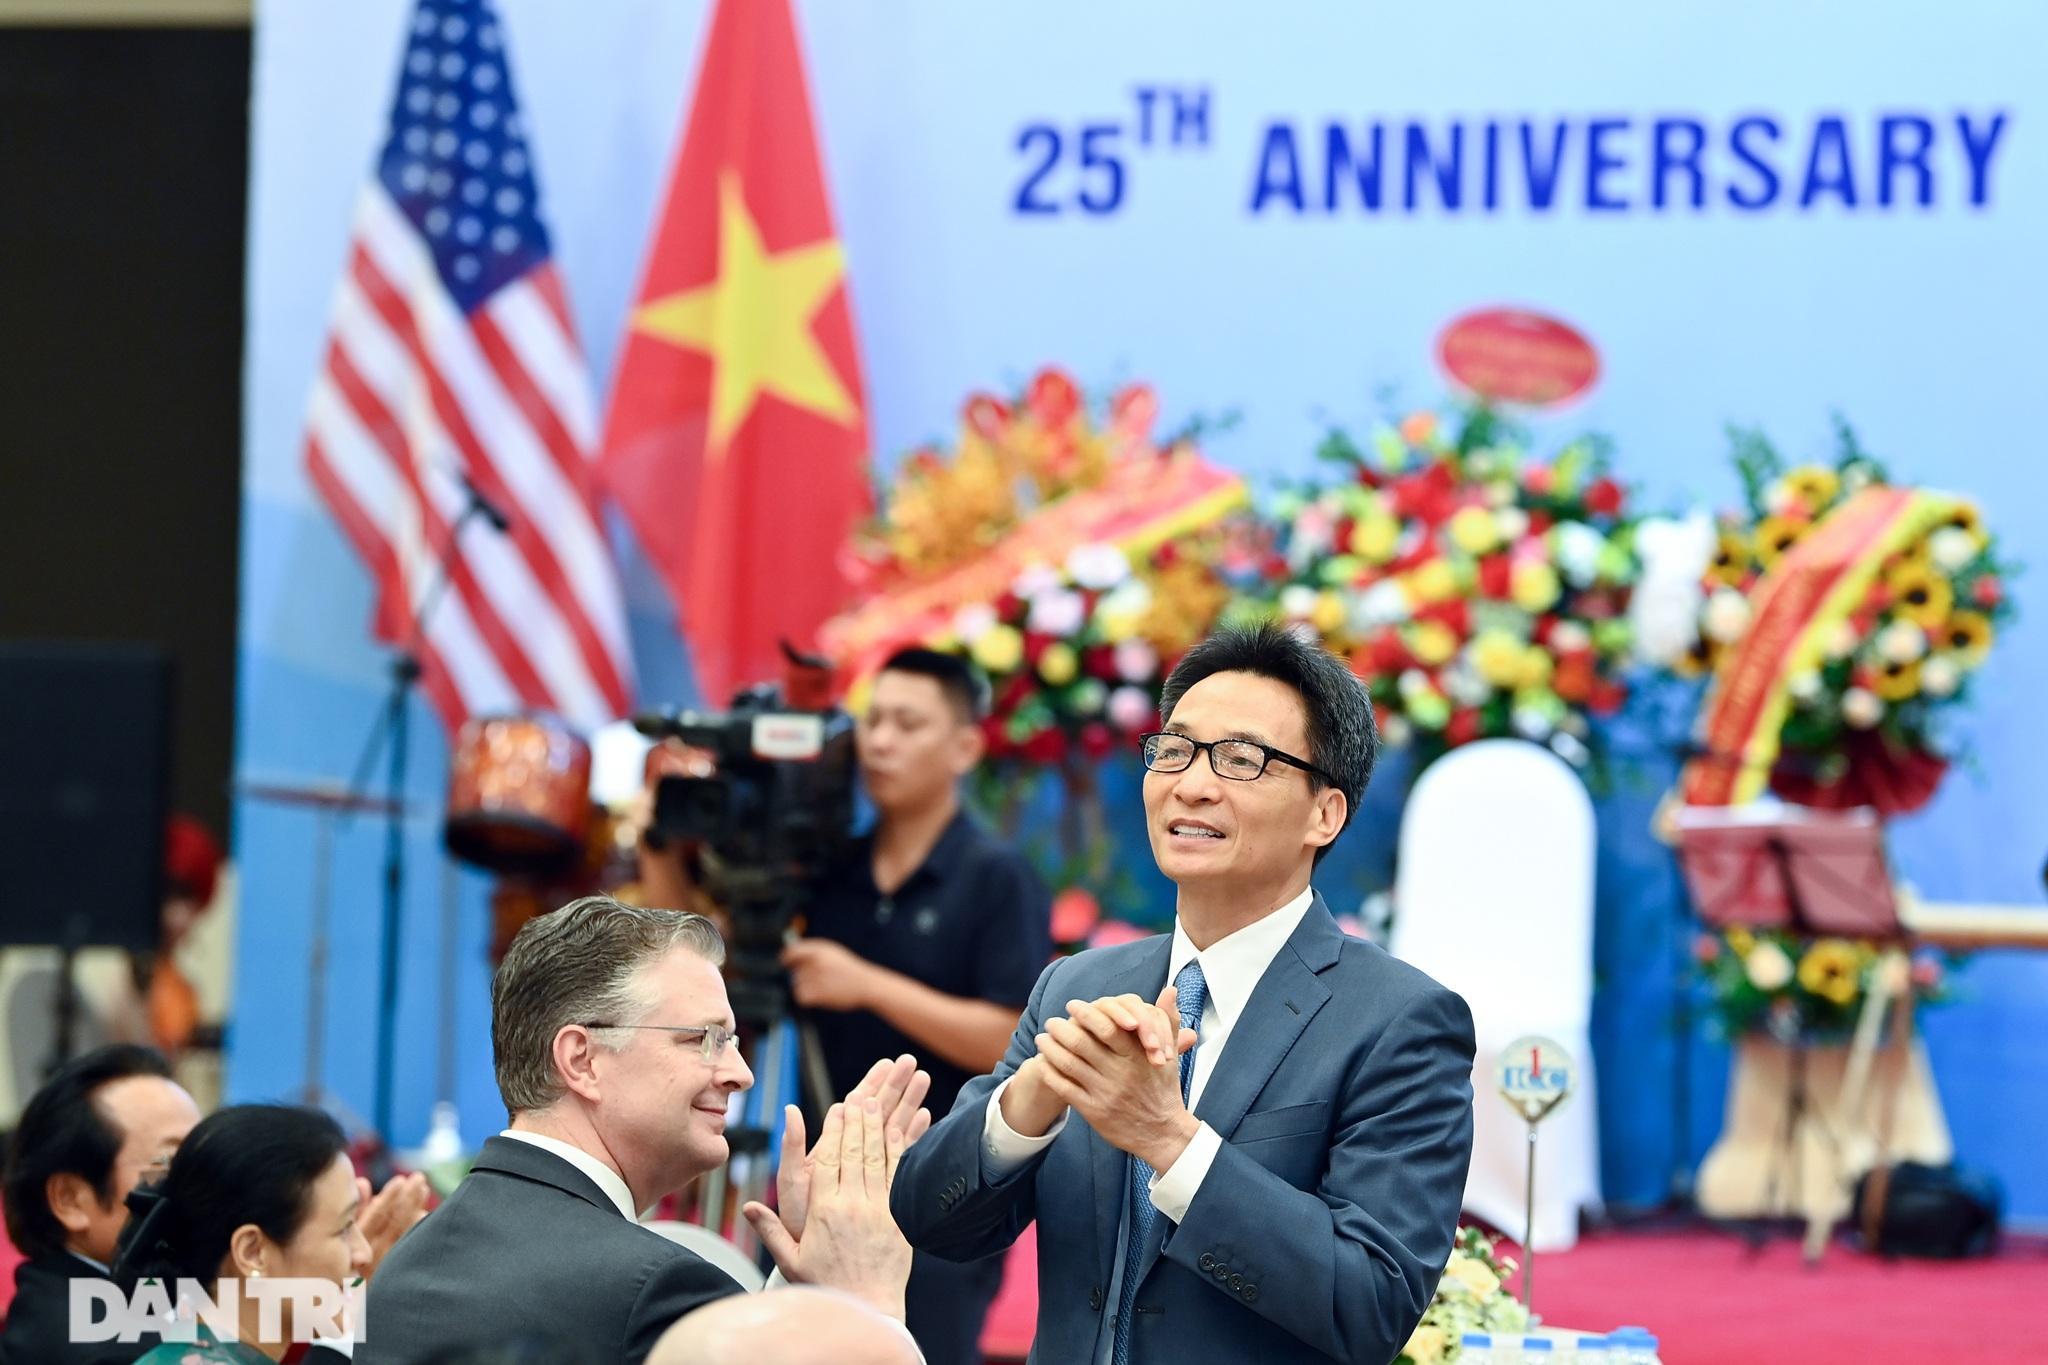 Cuộc gặp của những người xây nền móng cho 25 năm quan hệ Việt Nam - Hoa Kỳ - 2